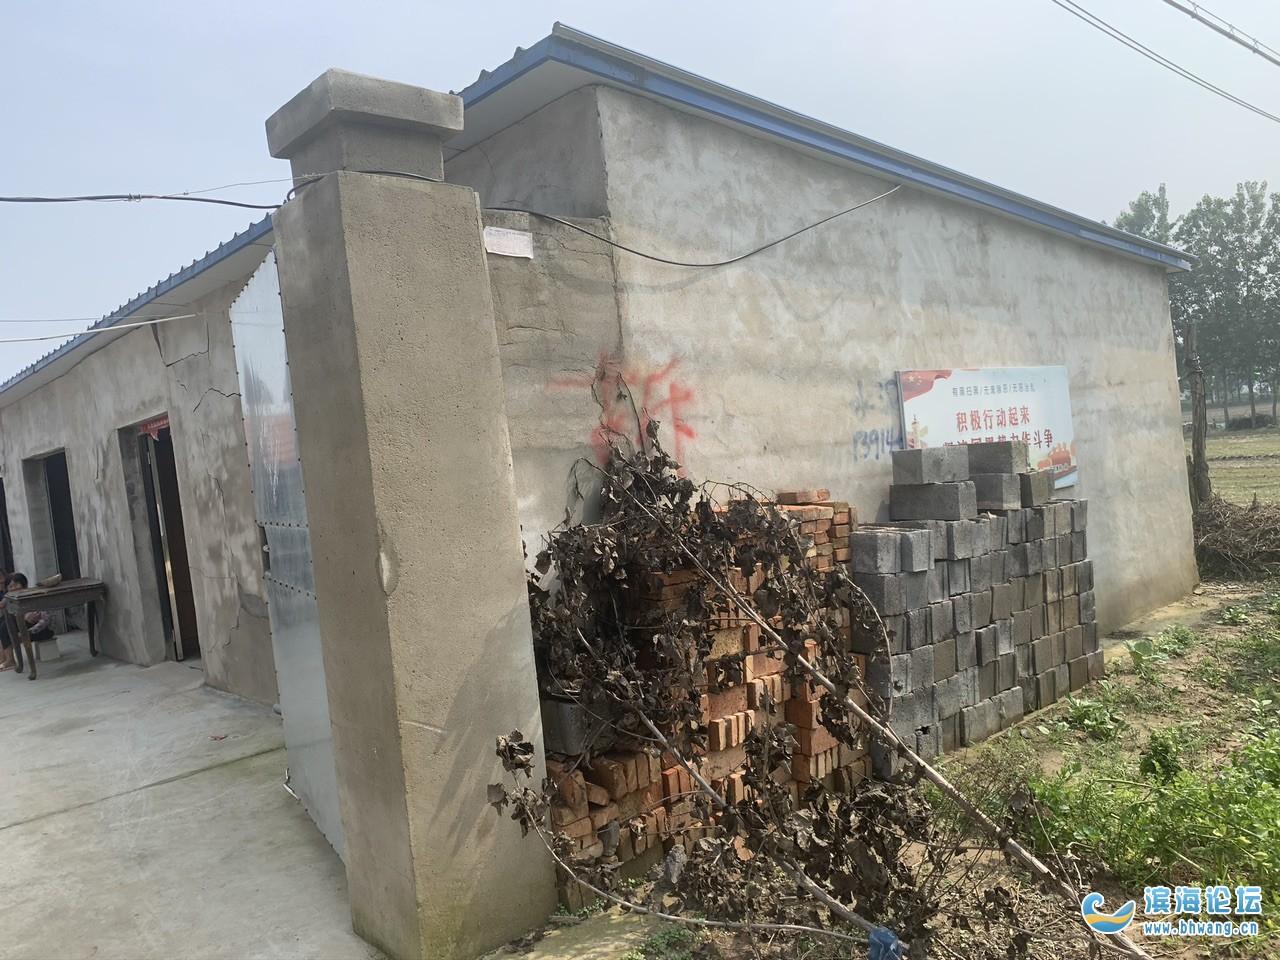 生活了37年的地方要拆遷了說是搞新農村,大房補助750一平米,小房200一平米